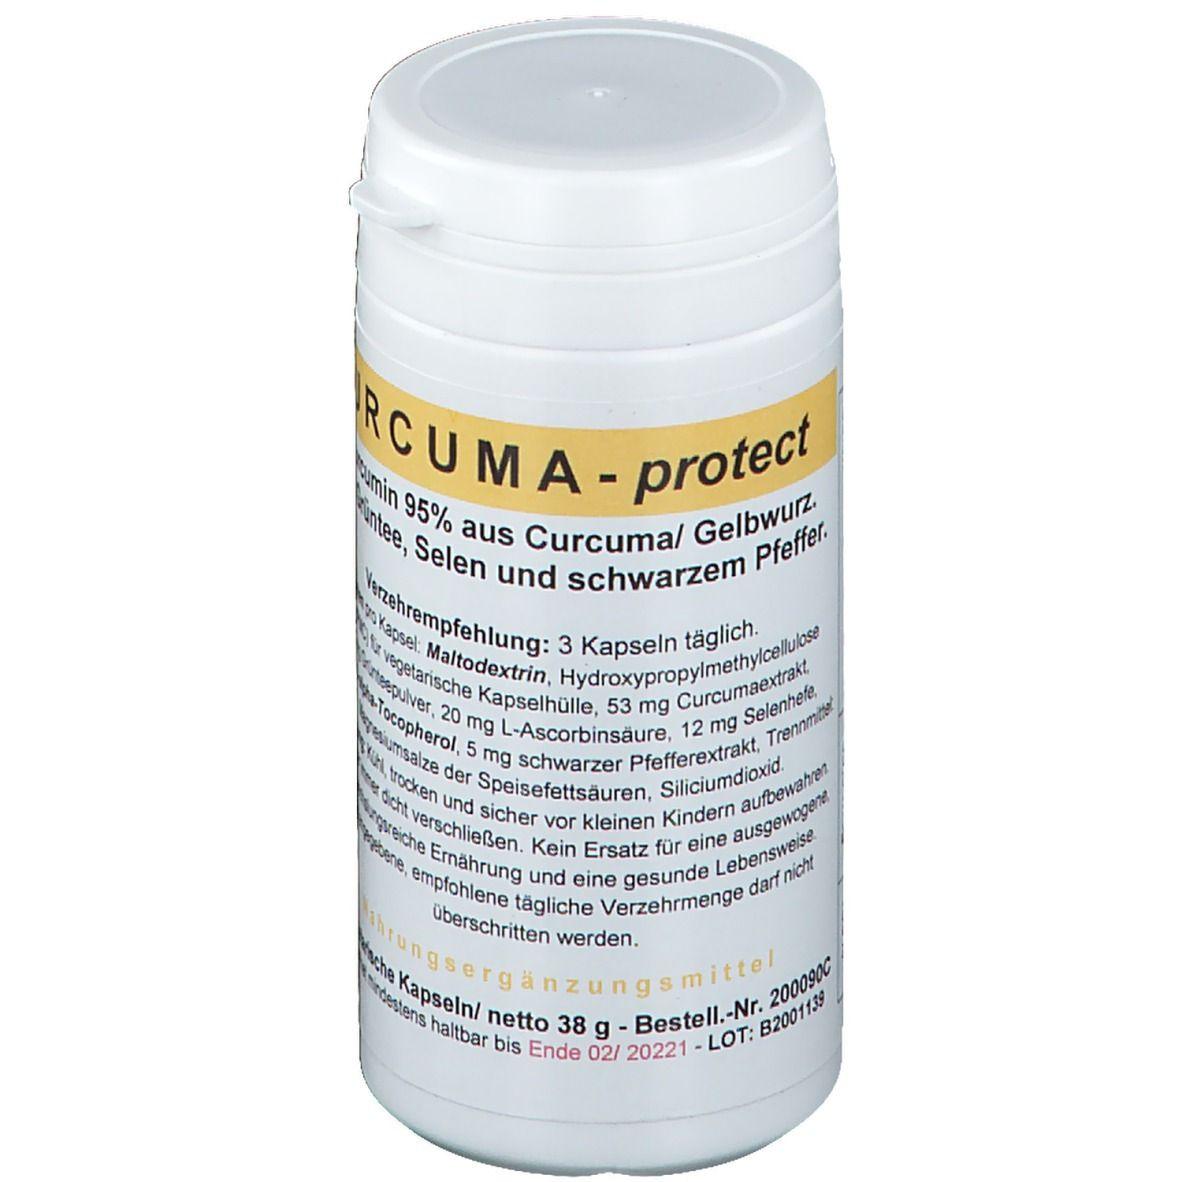 Image of ALLPHARM Curcuma Protect